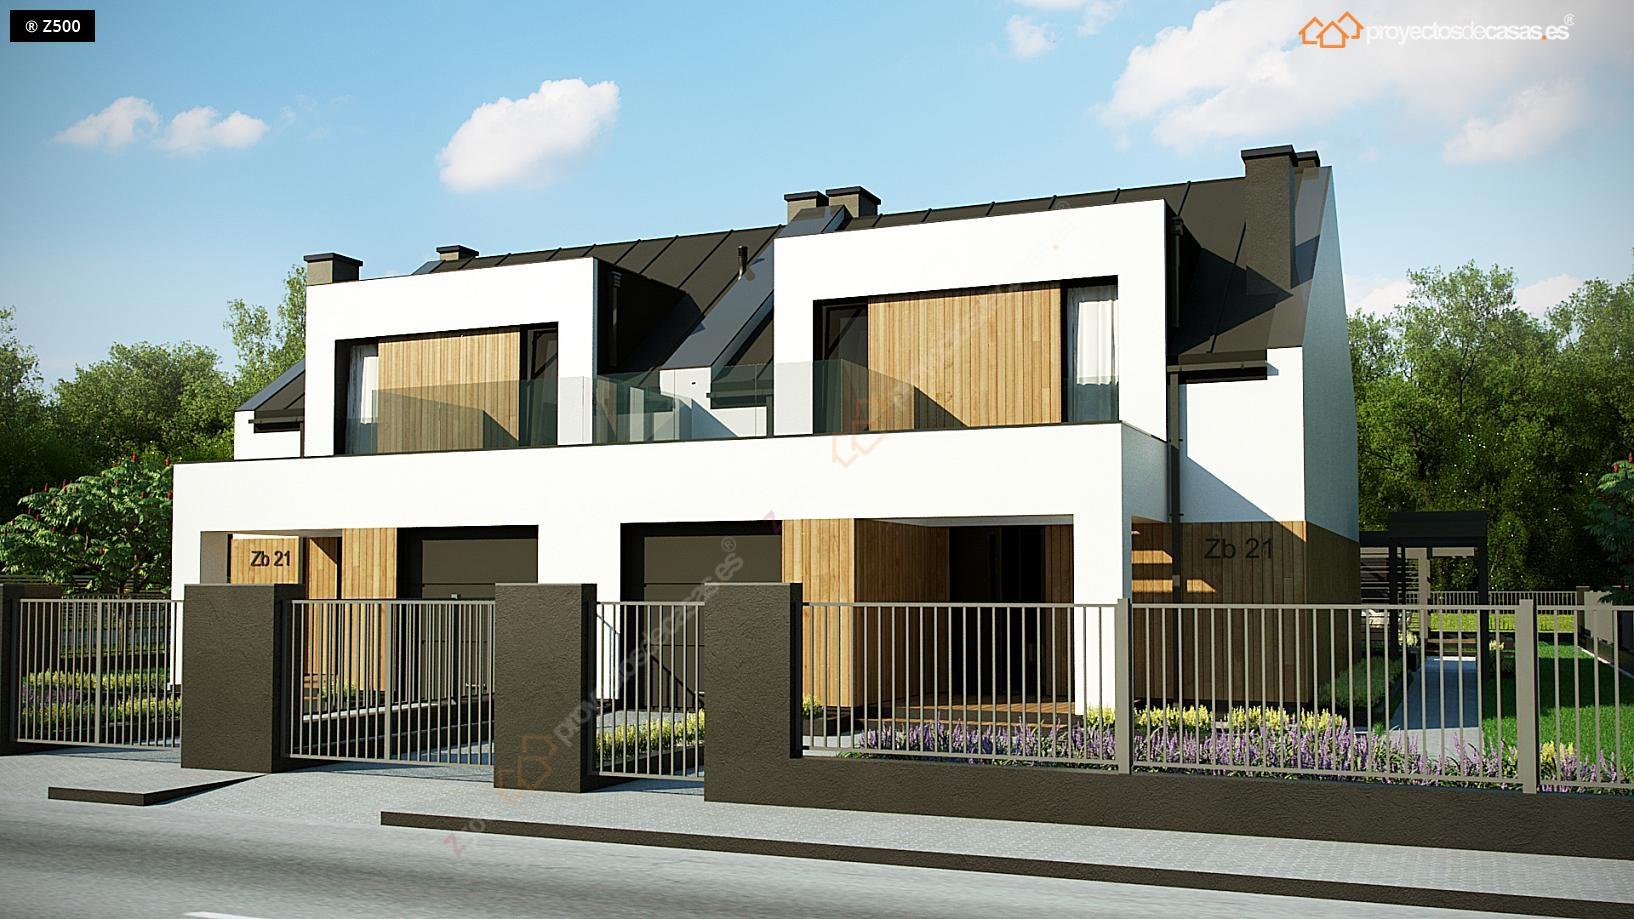 Proyectos de casas casa adosada moderna alcobendas proyectosdecasas dise amos y - Precio proyecto casa 120 m2 ...